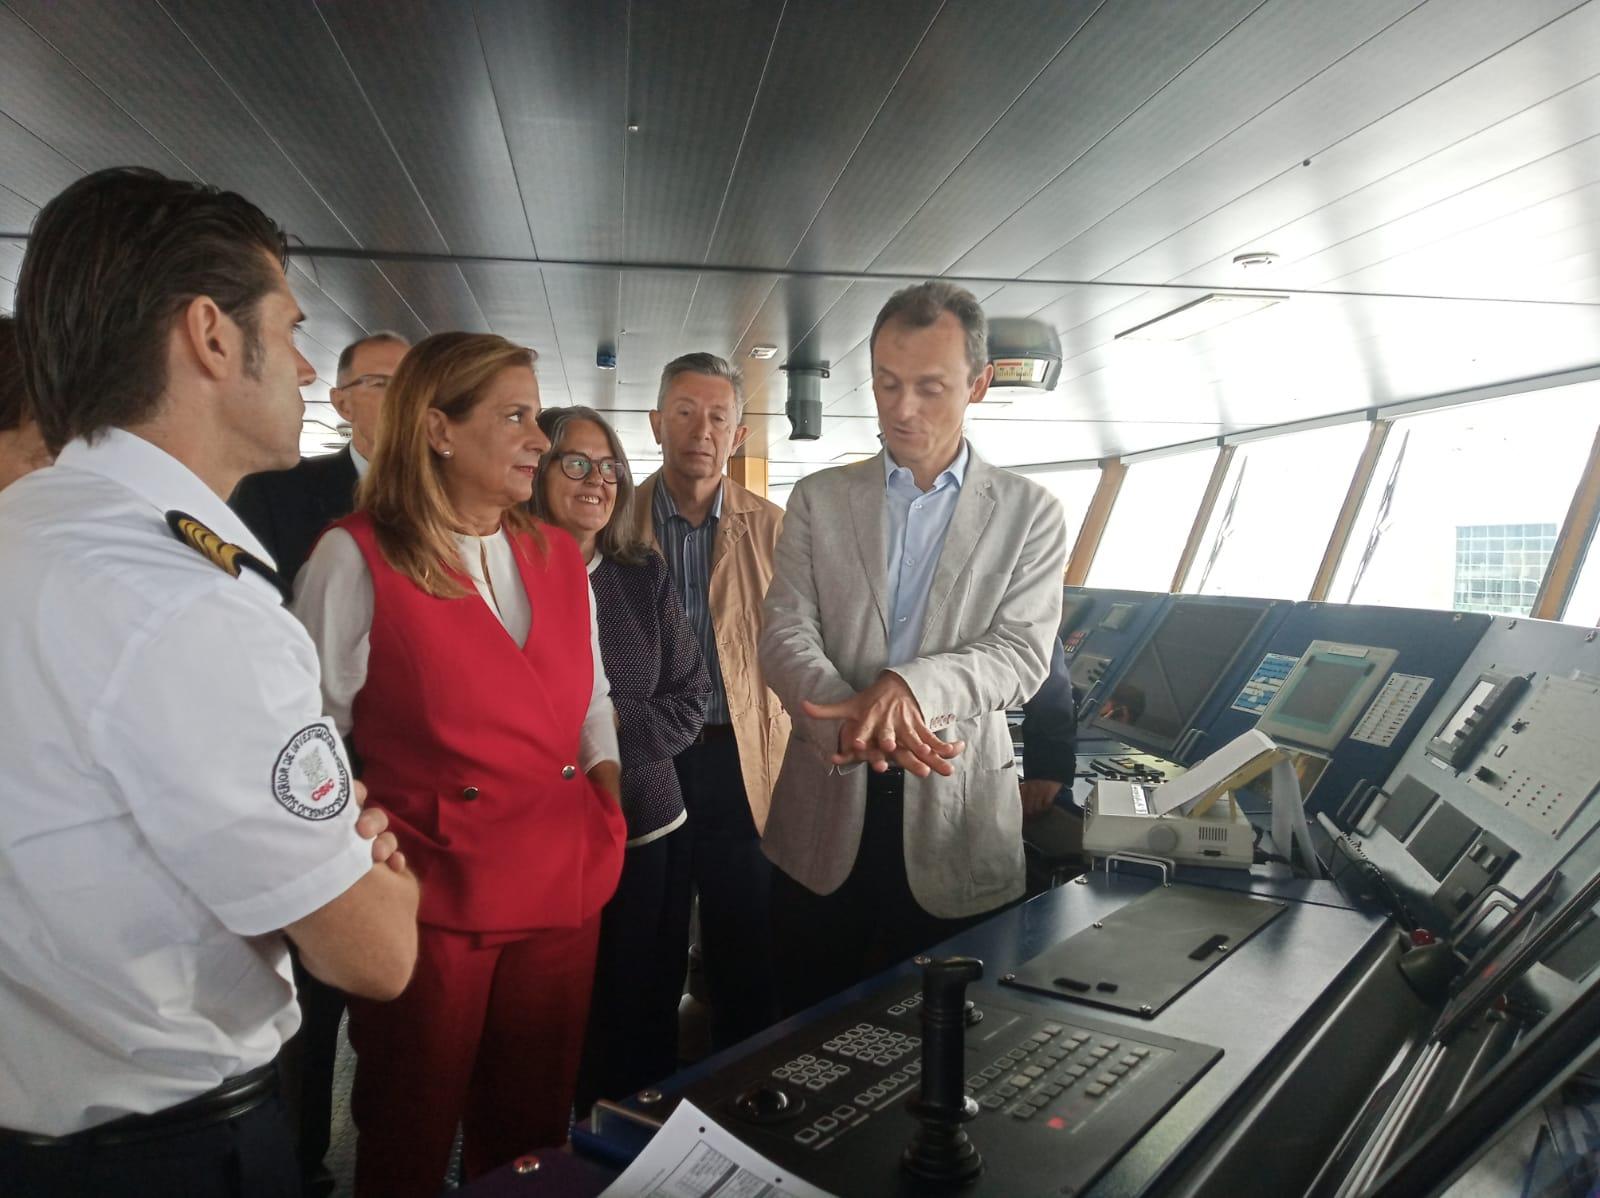 El ministro en funciones de Ciencia, Innovación y Universidades, Pedro Duque, durante su visita al buque oceanográfico Sarmiento de Gamboa. / Susana González